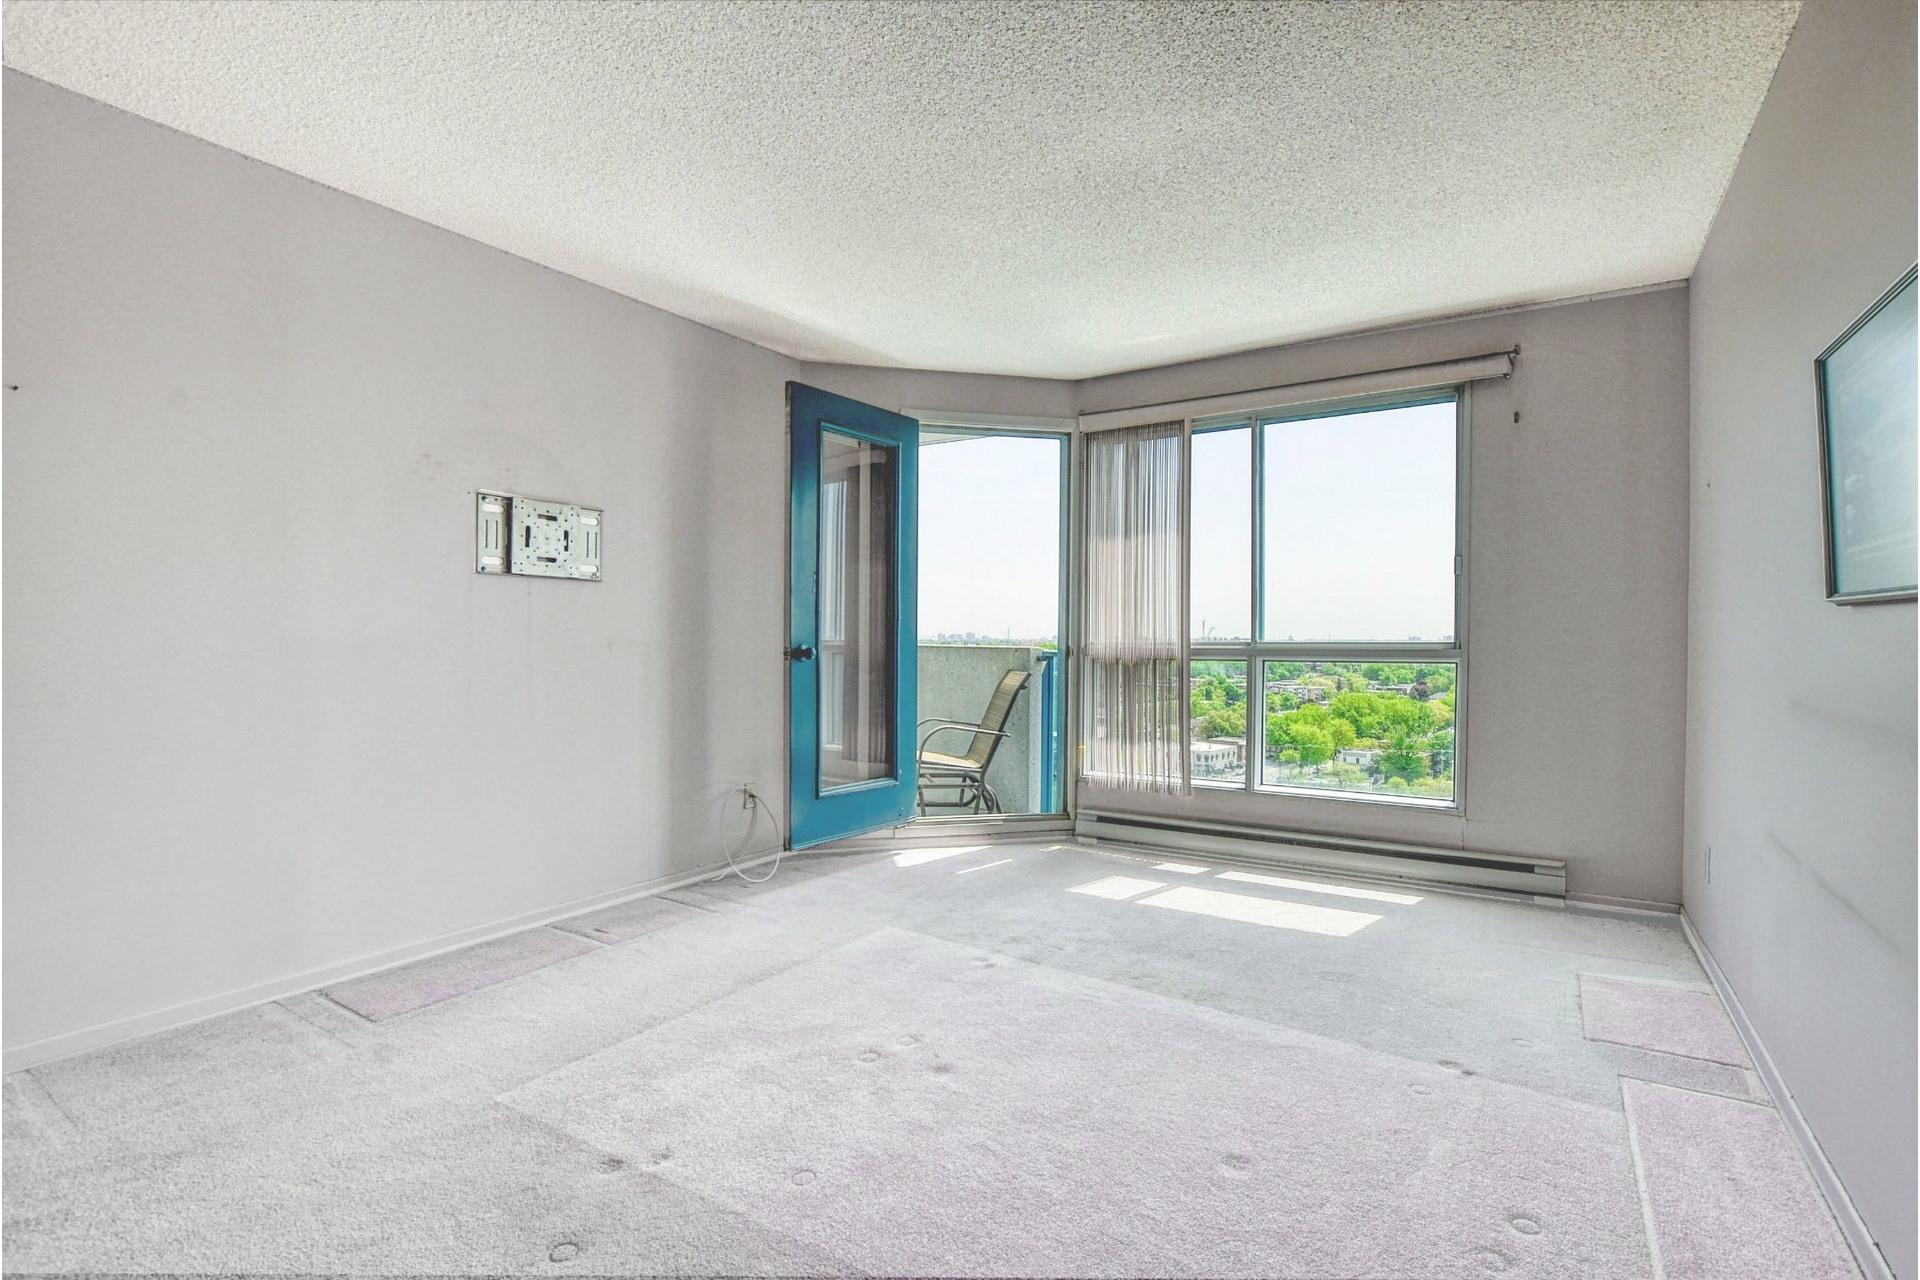 image 11 - Appartement À vendre Montréal-Nord Montréal  - 5 pièces